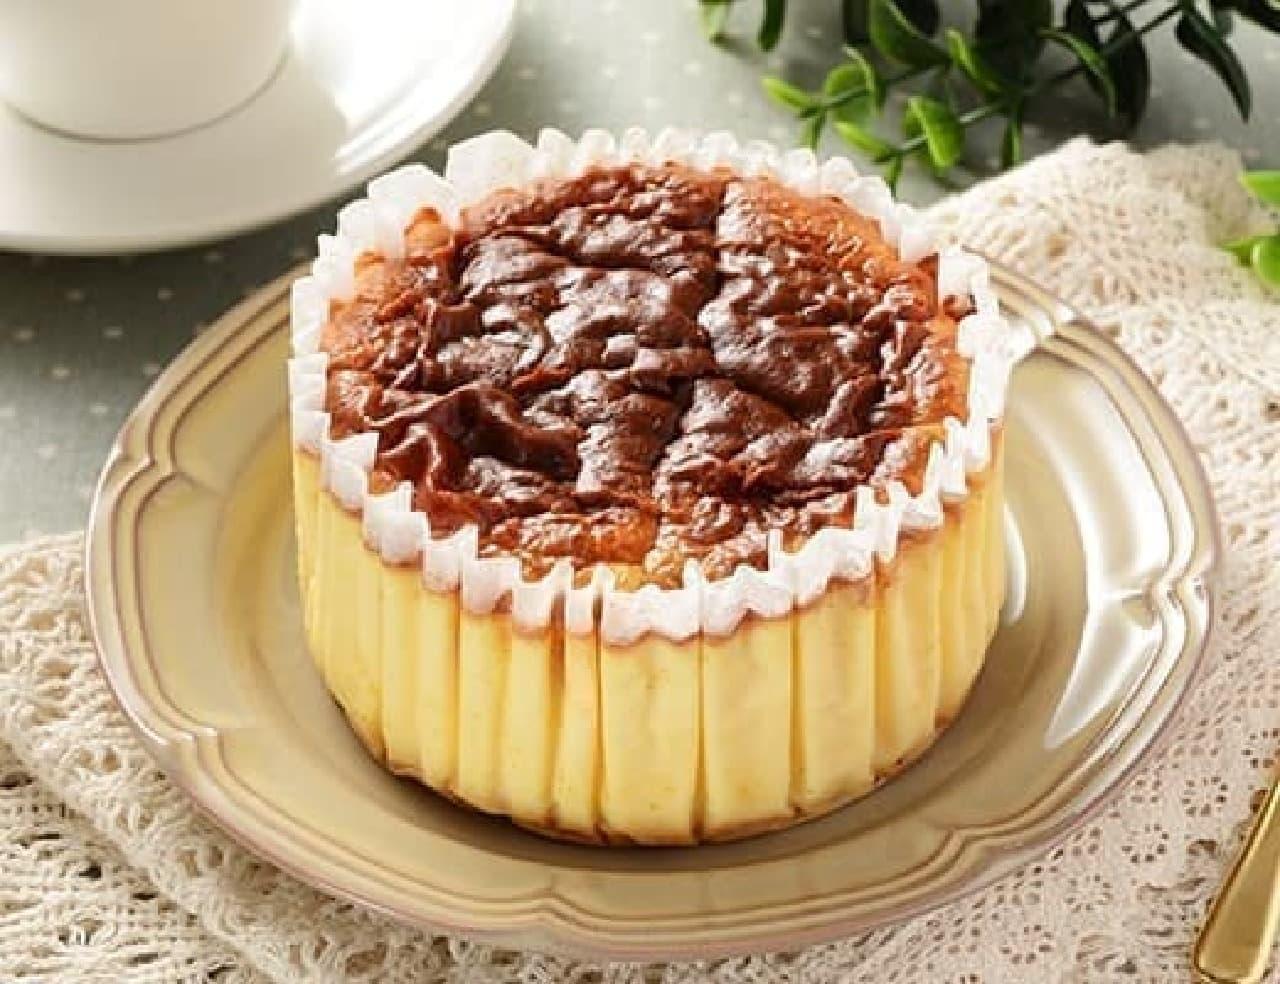 ローソン「ビッグバスチー -バスク風チーズケーキ-」